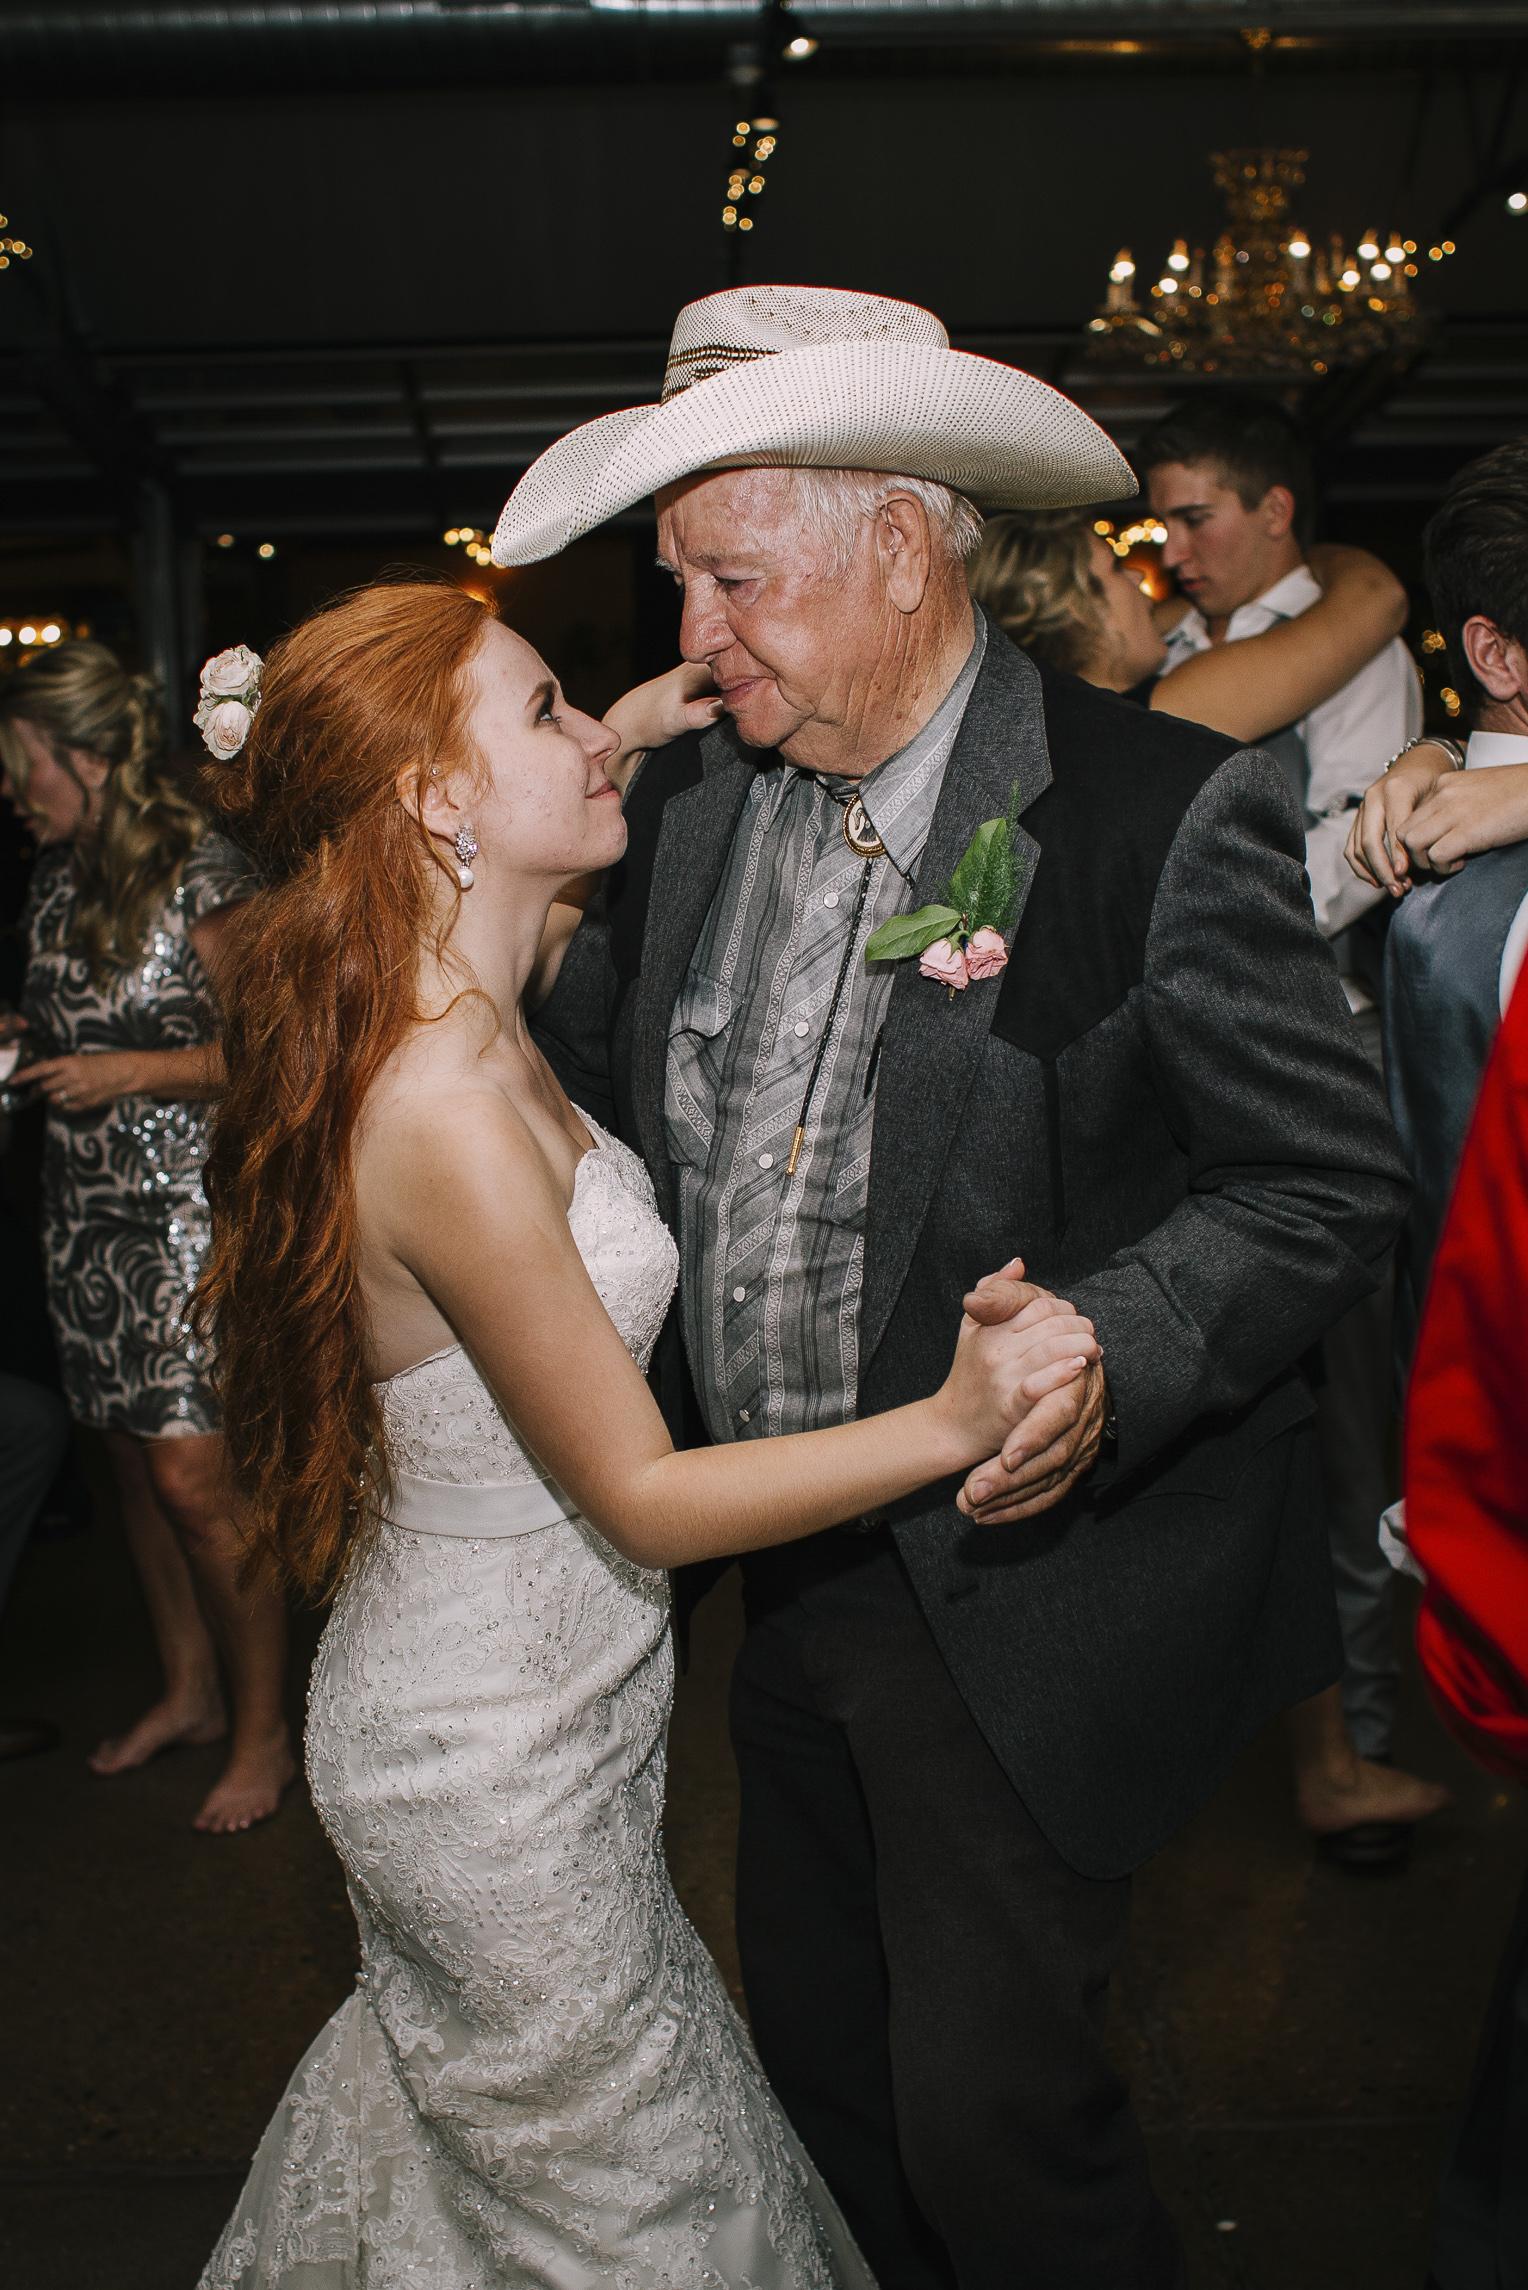 web sized images -- no to print --CALVIN & MCKYLEY WEDDING PHOTOS - COLORADO PHOTOGRAPHER - DEBI RAE PHOTOGRAPHY-2614.jpg